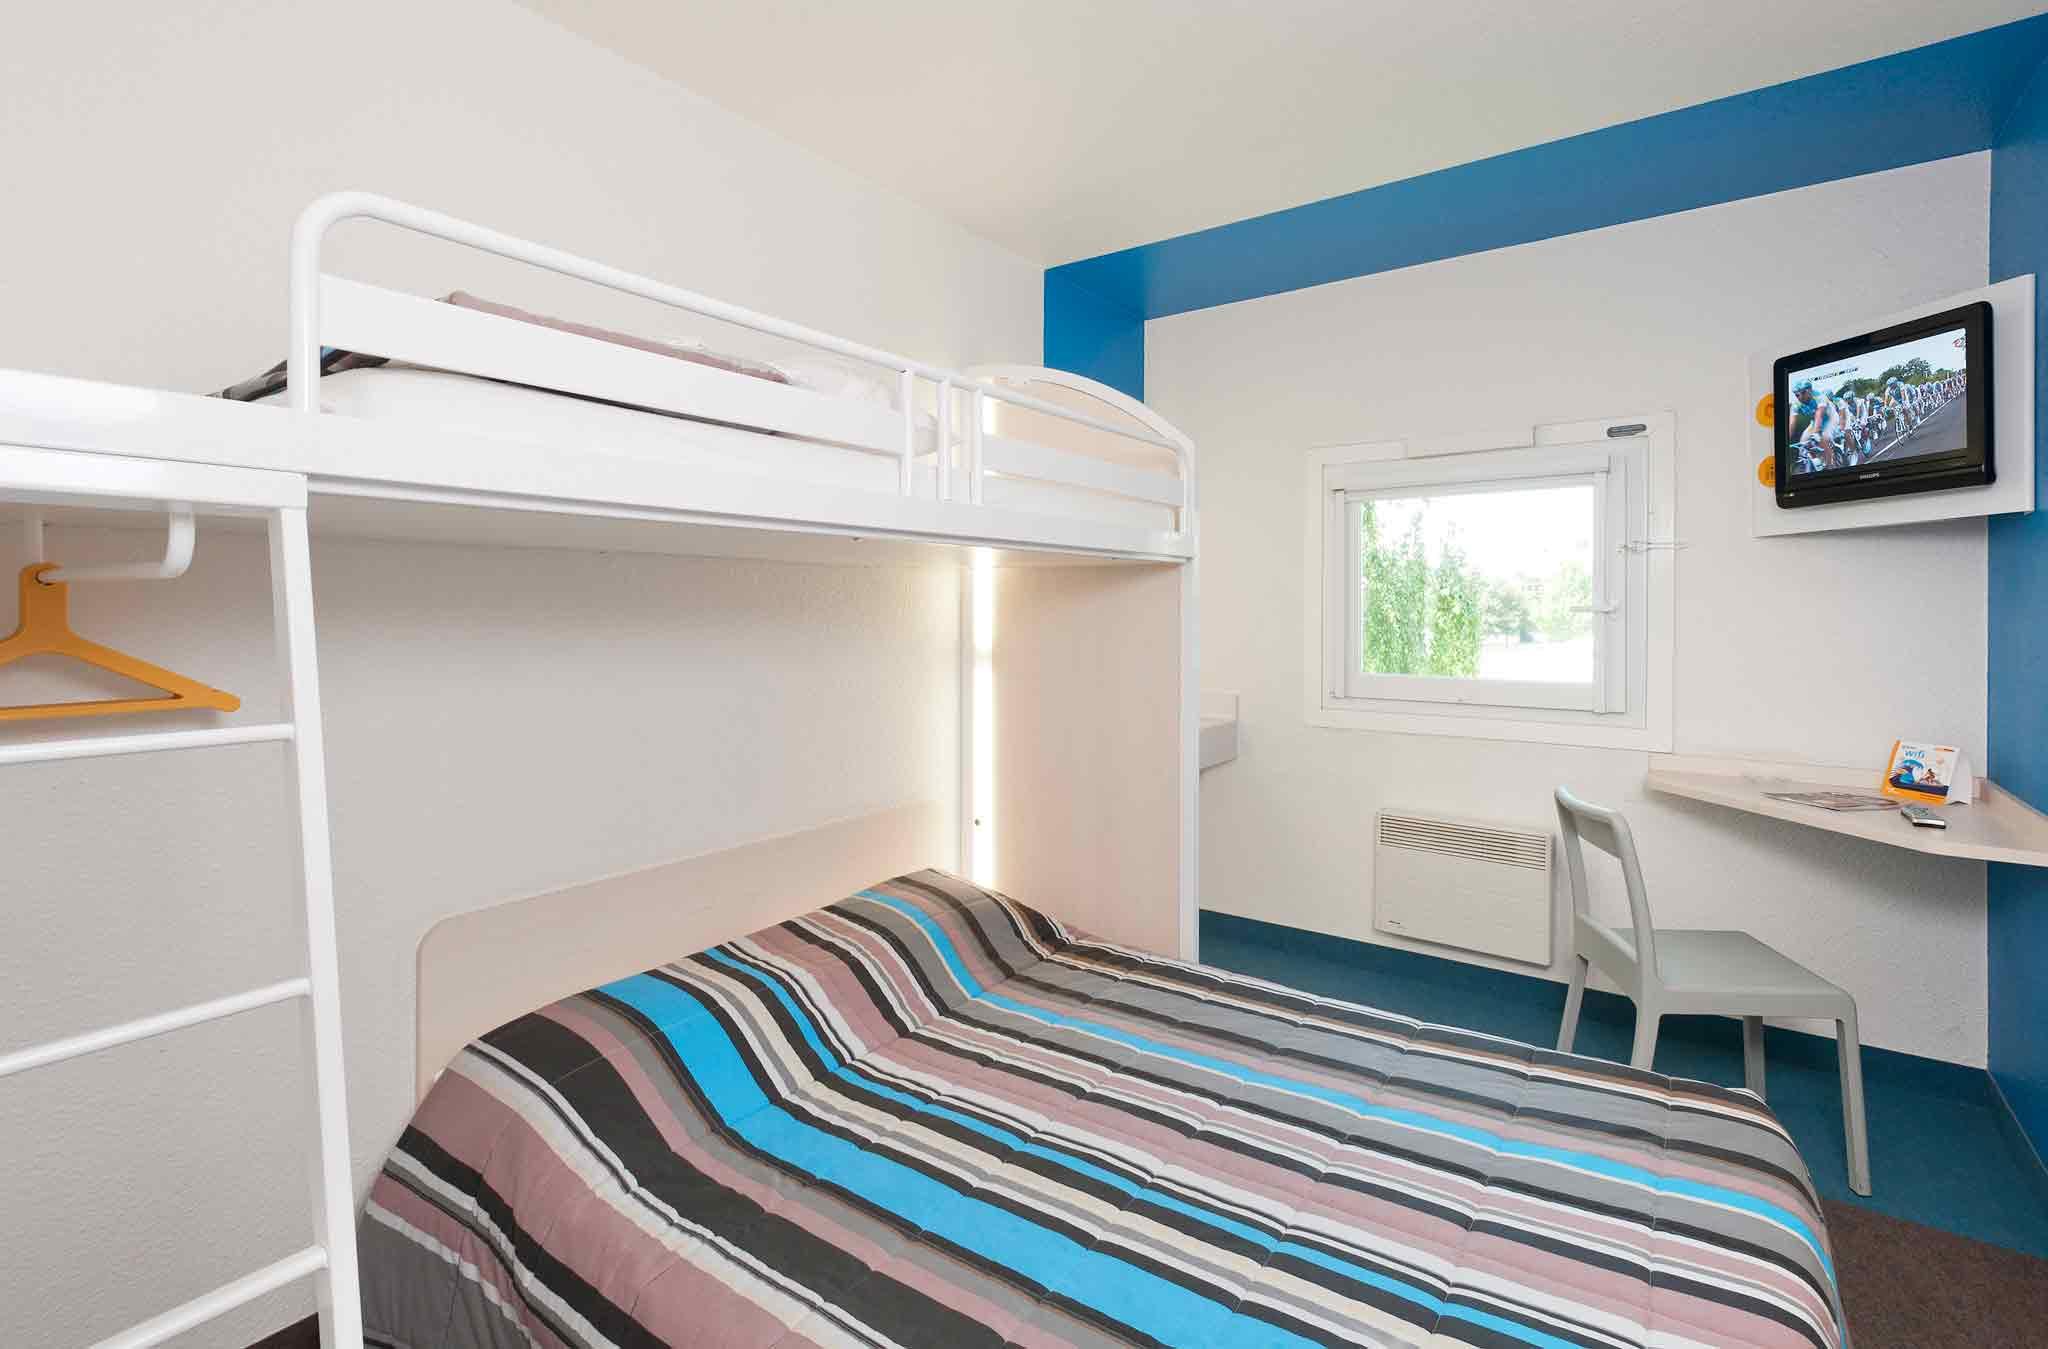 โรงแรม – hotelF1 Vitry N7